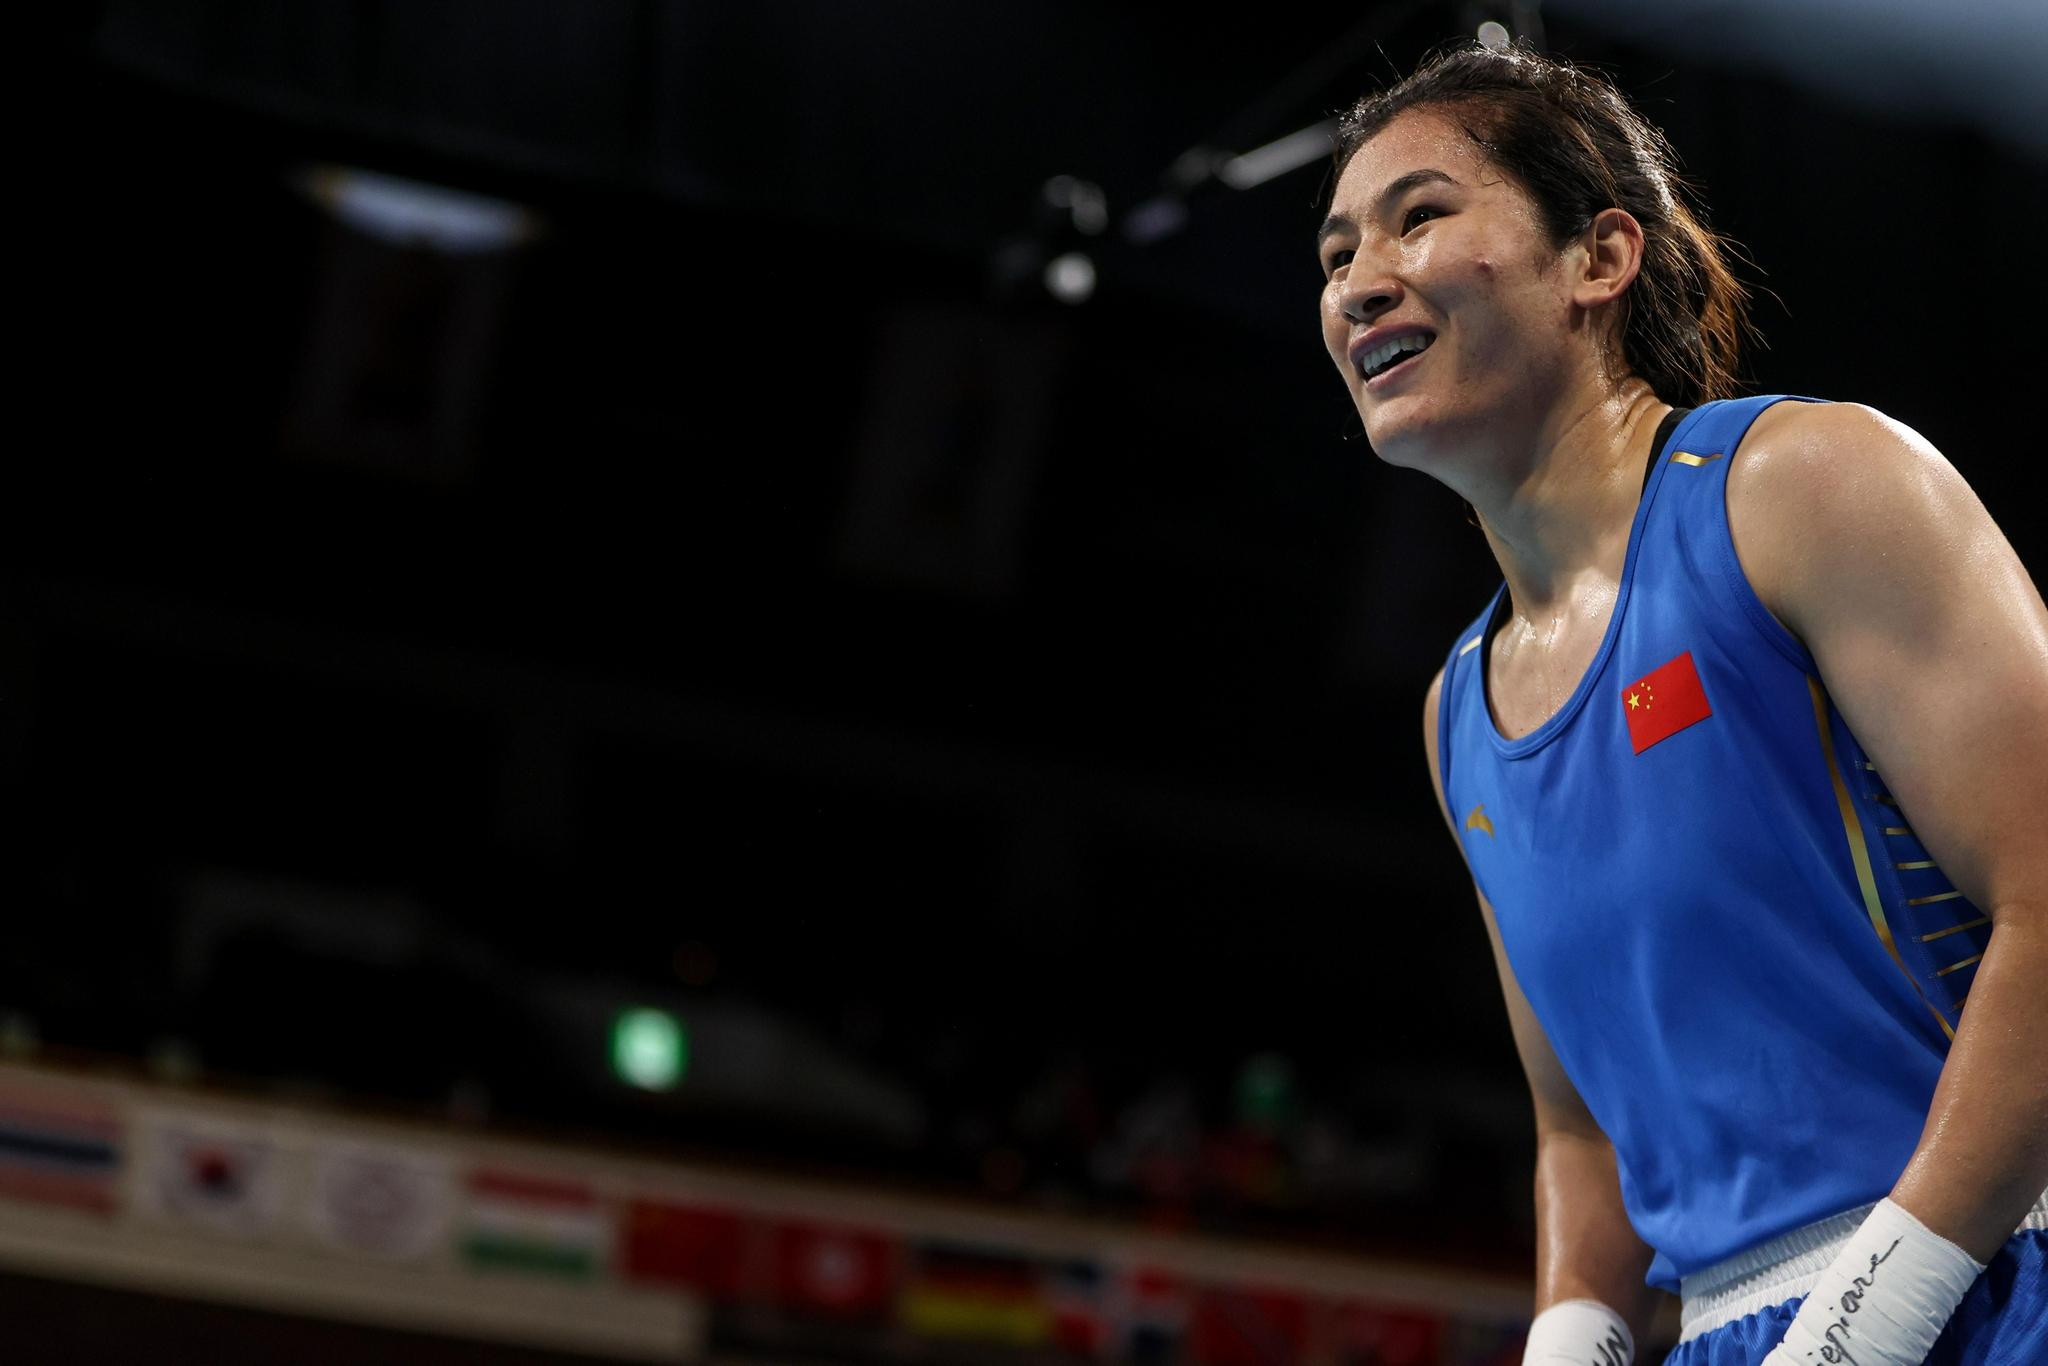 (东京奥运会)拳击——女子69-75公斤级:李倩晋级四强